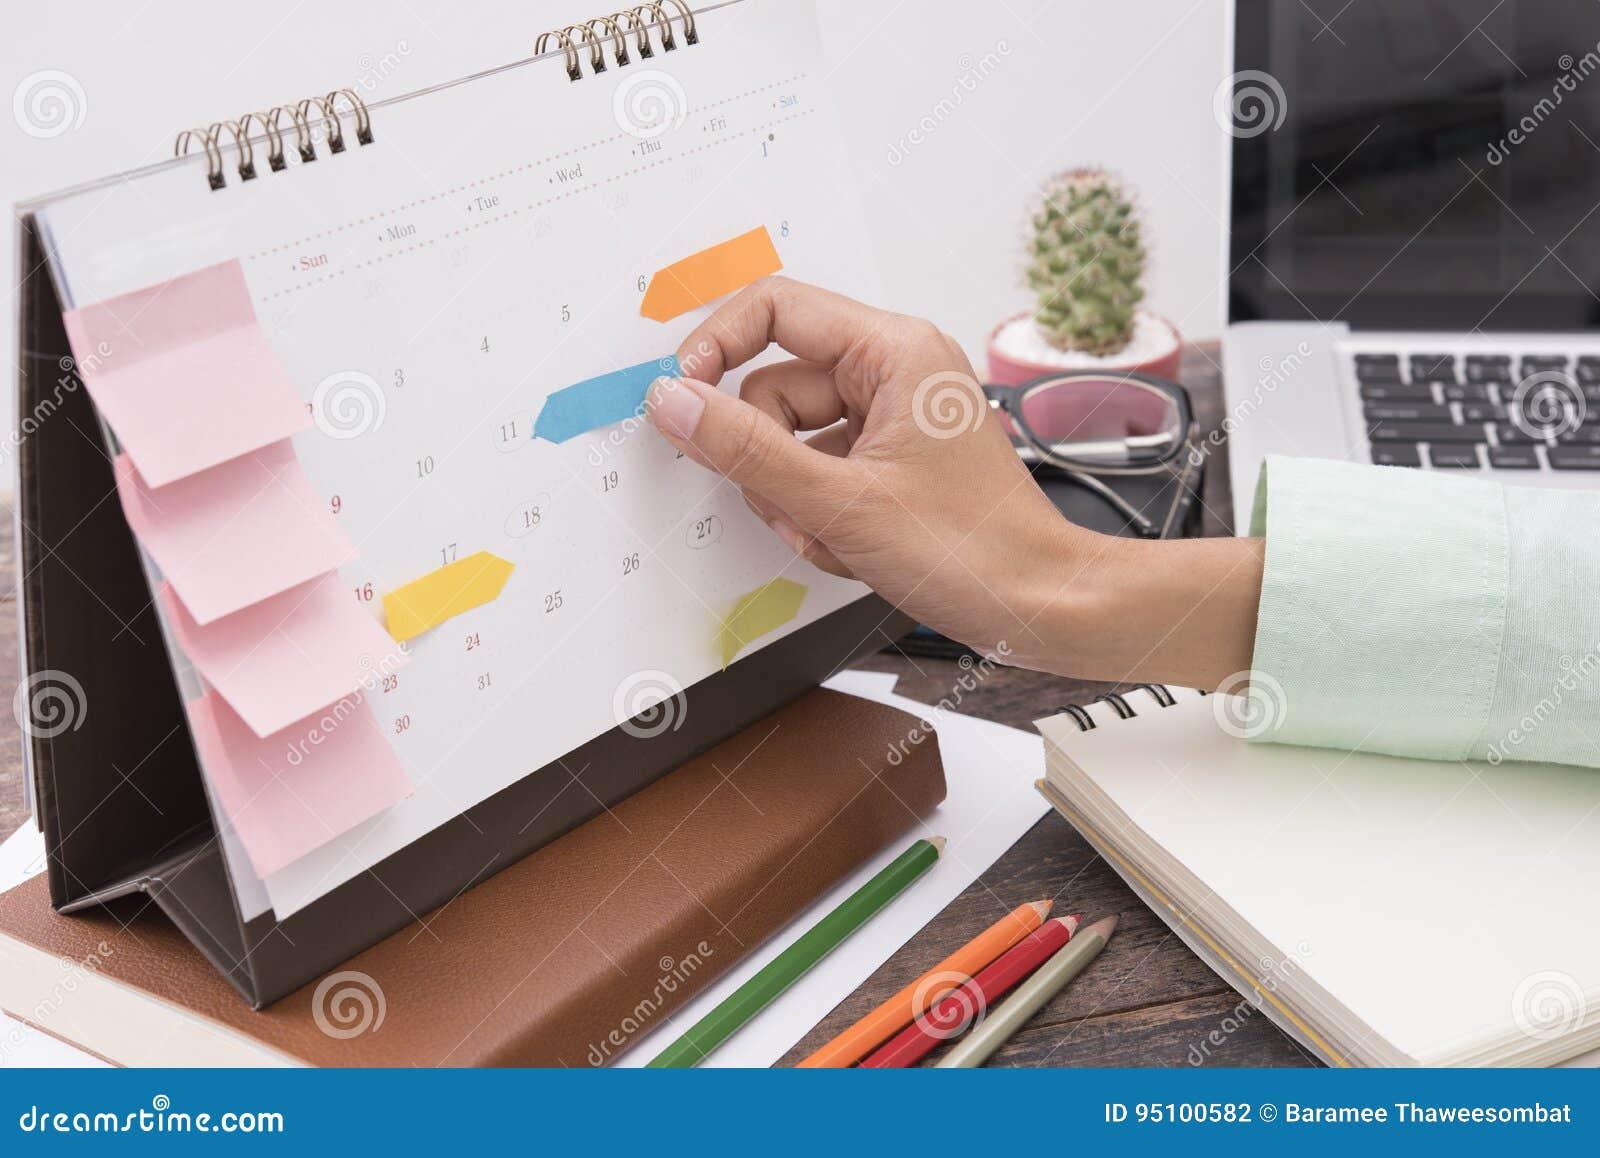 Reunión del planificador del calendario del negocio sobre oficina del escritorio organización